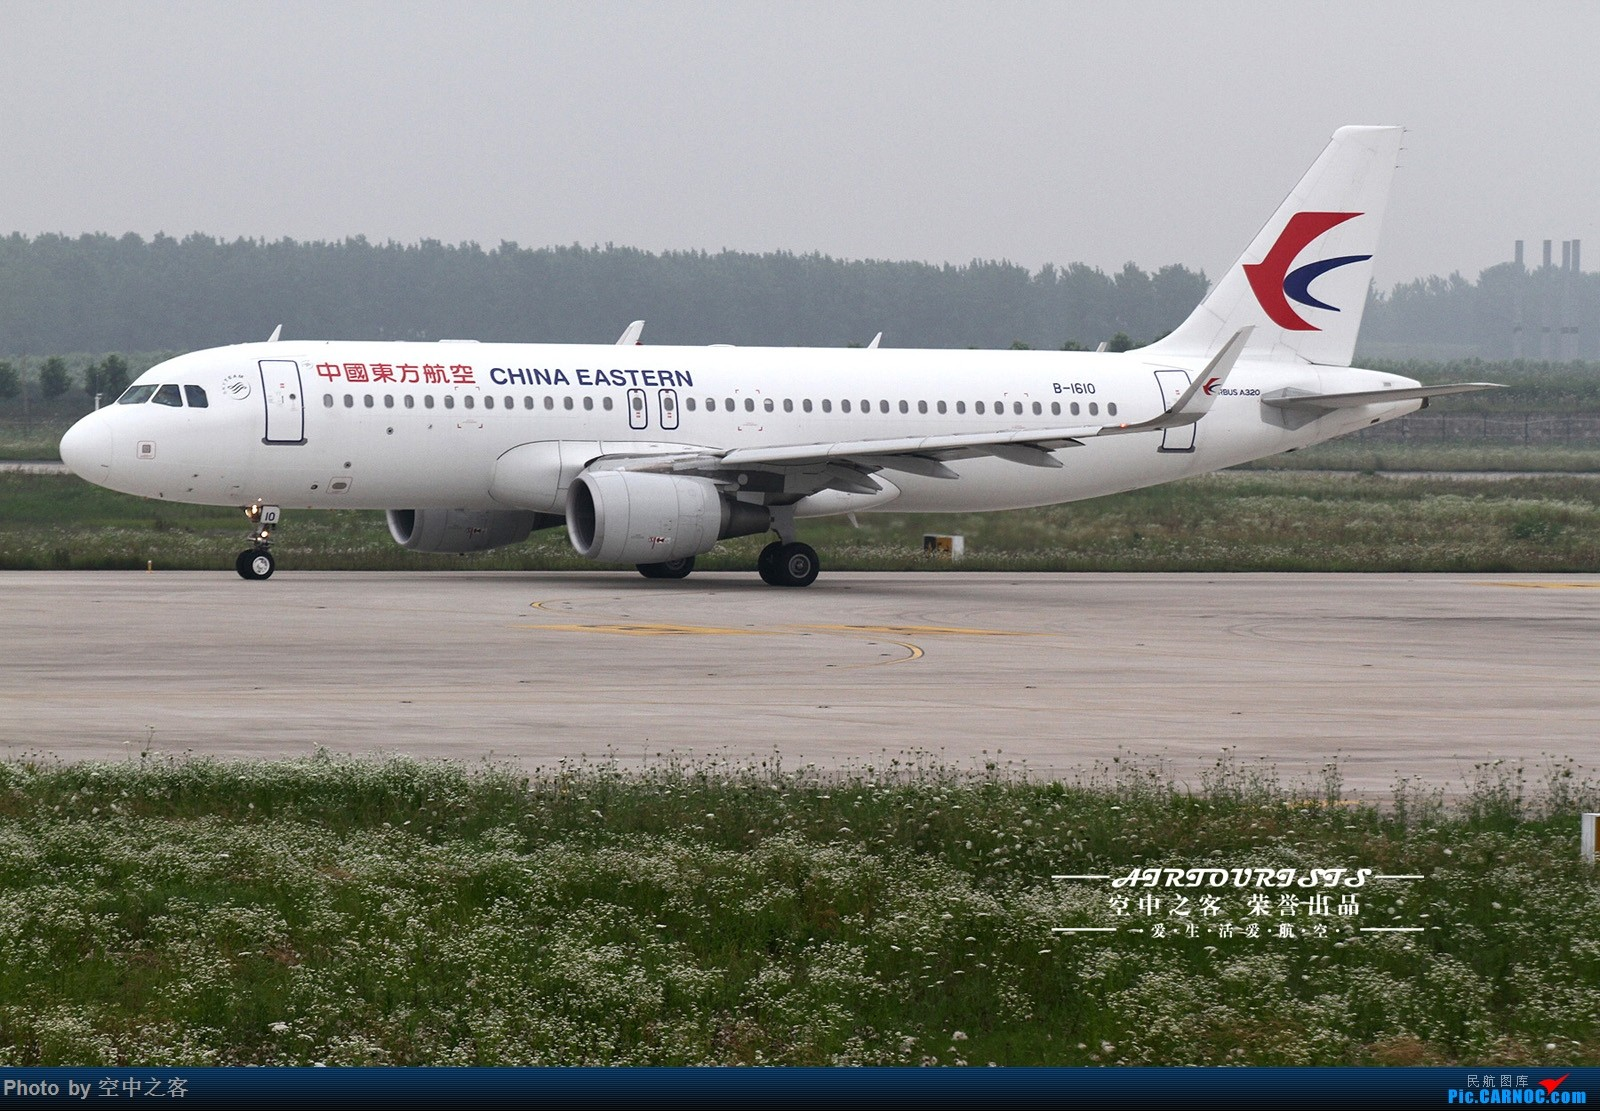 Re:[原创][合肥飞友会·霸都打机队 空中之客出品]虽然水泥天也要来一场说走就走的拍机(前传) AIRBUS A320-200 B-1610 合肥新桥国际机场